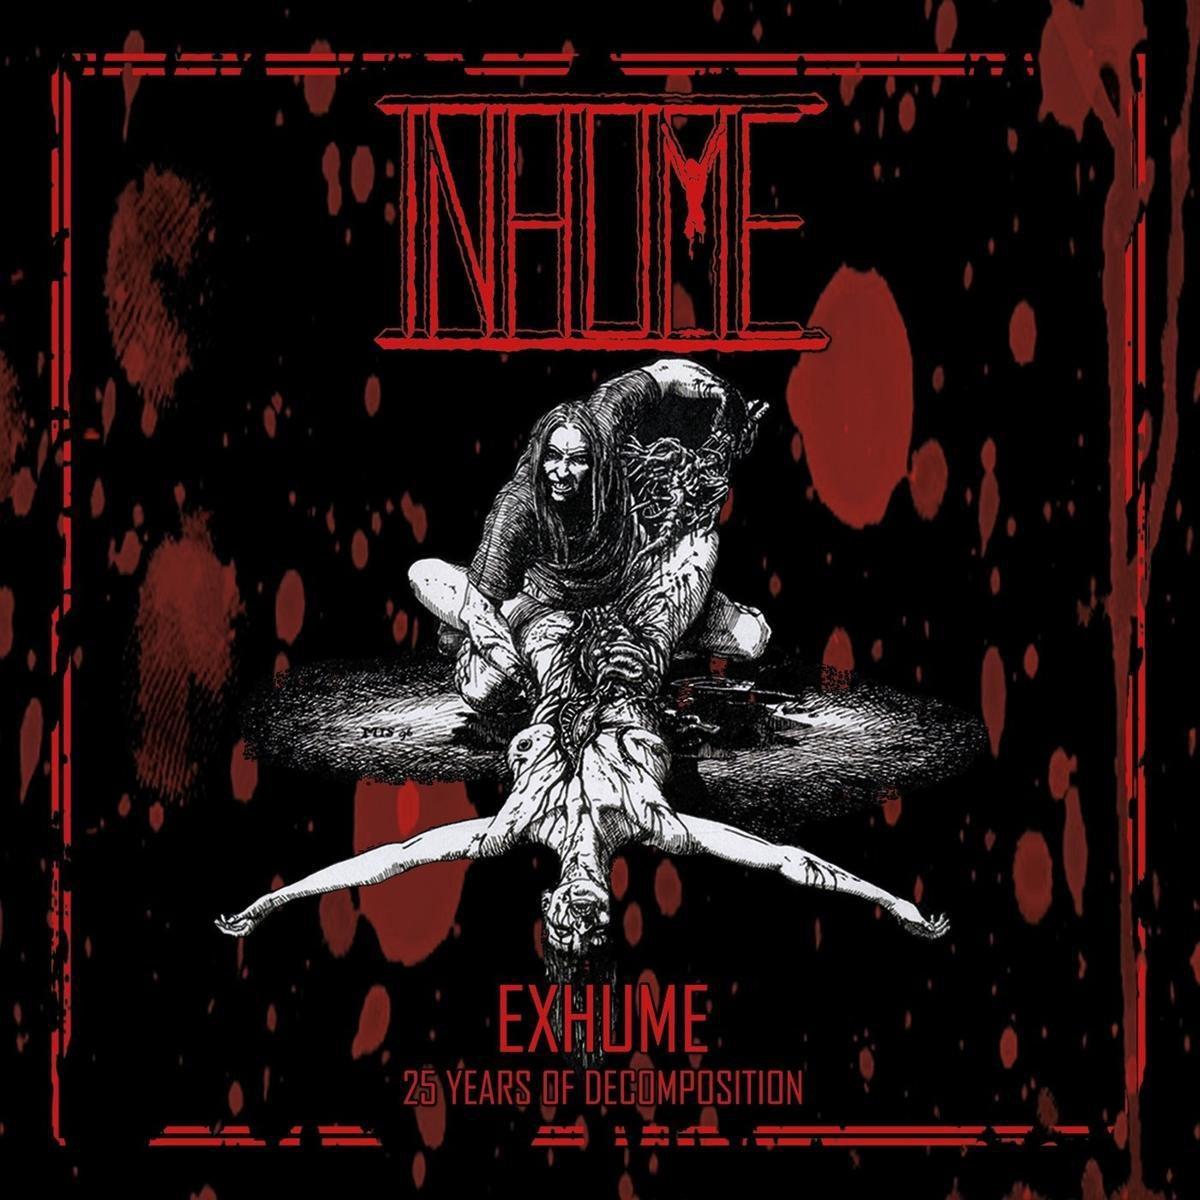 Exhume - Inhume